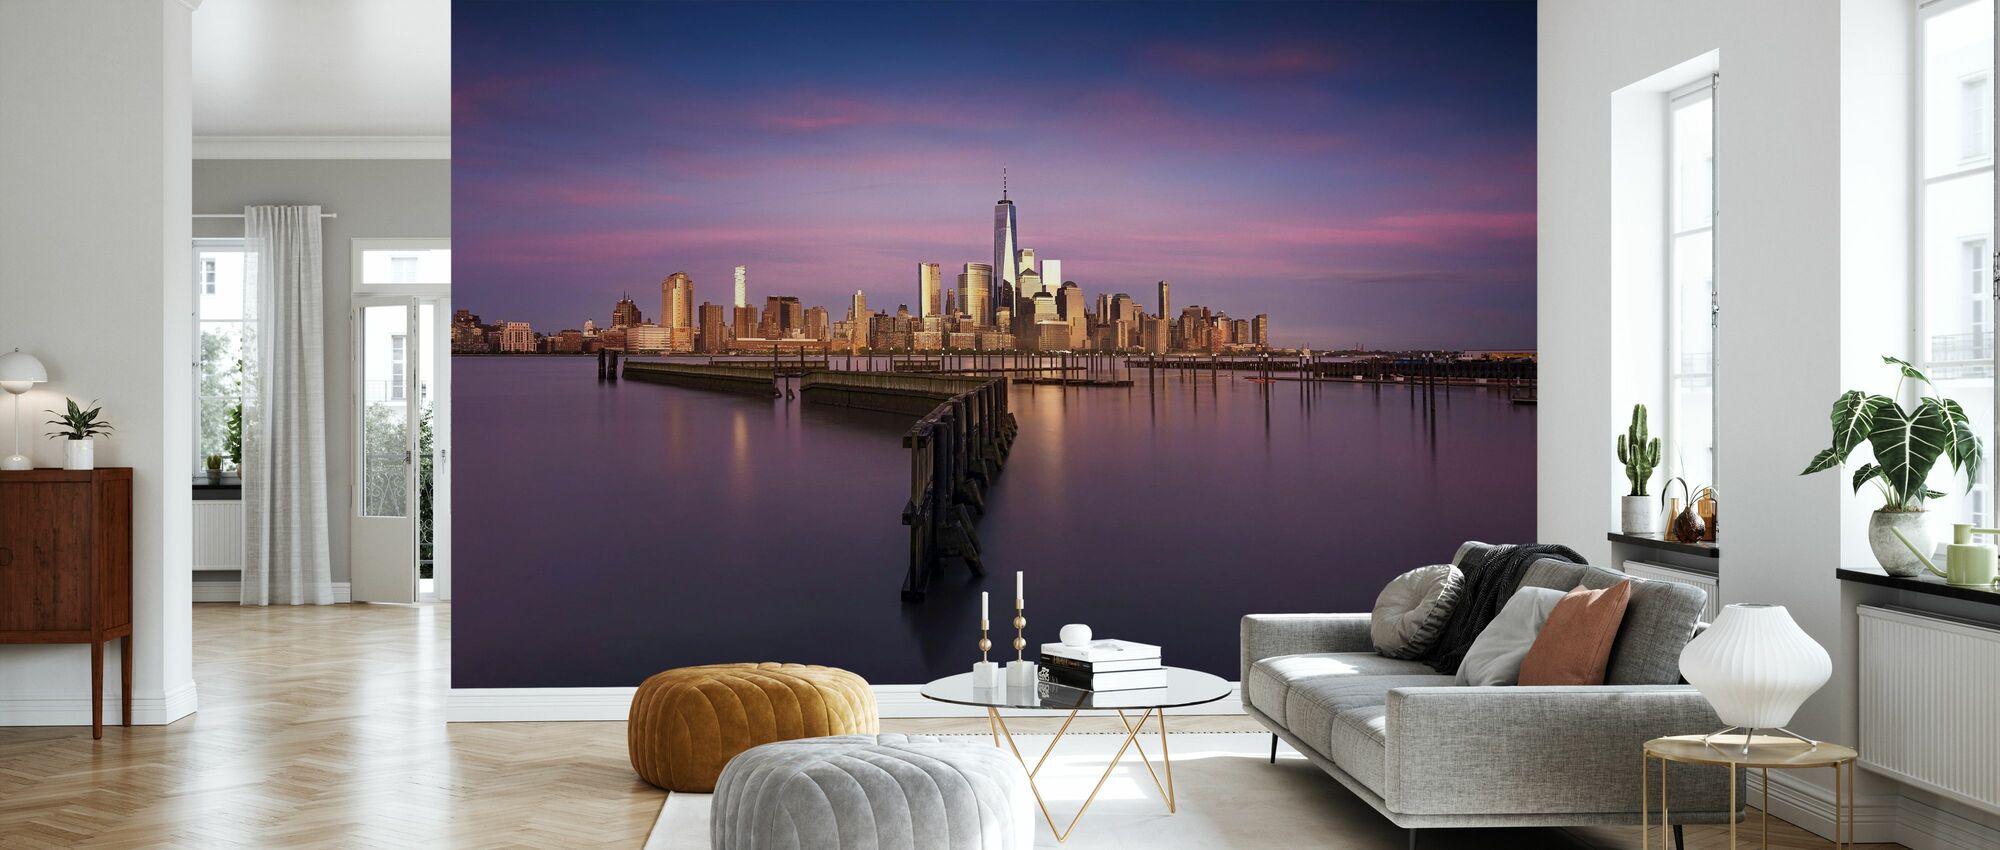 LeFrak Point Lighthouse - Wallpaper - Living Room